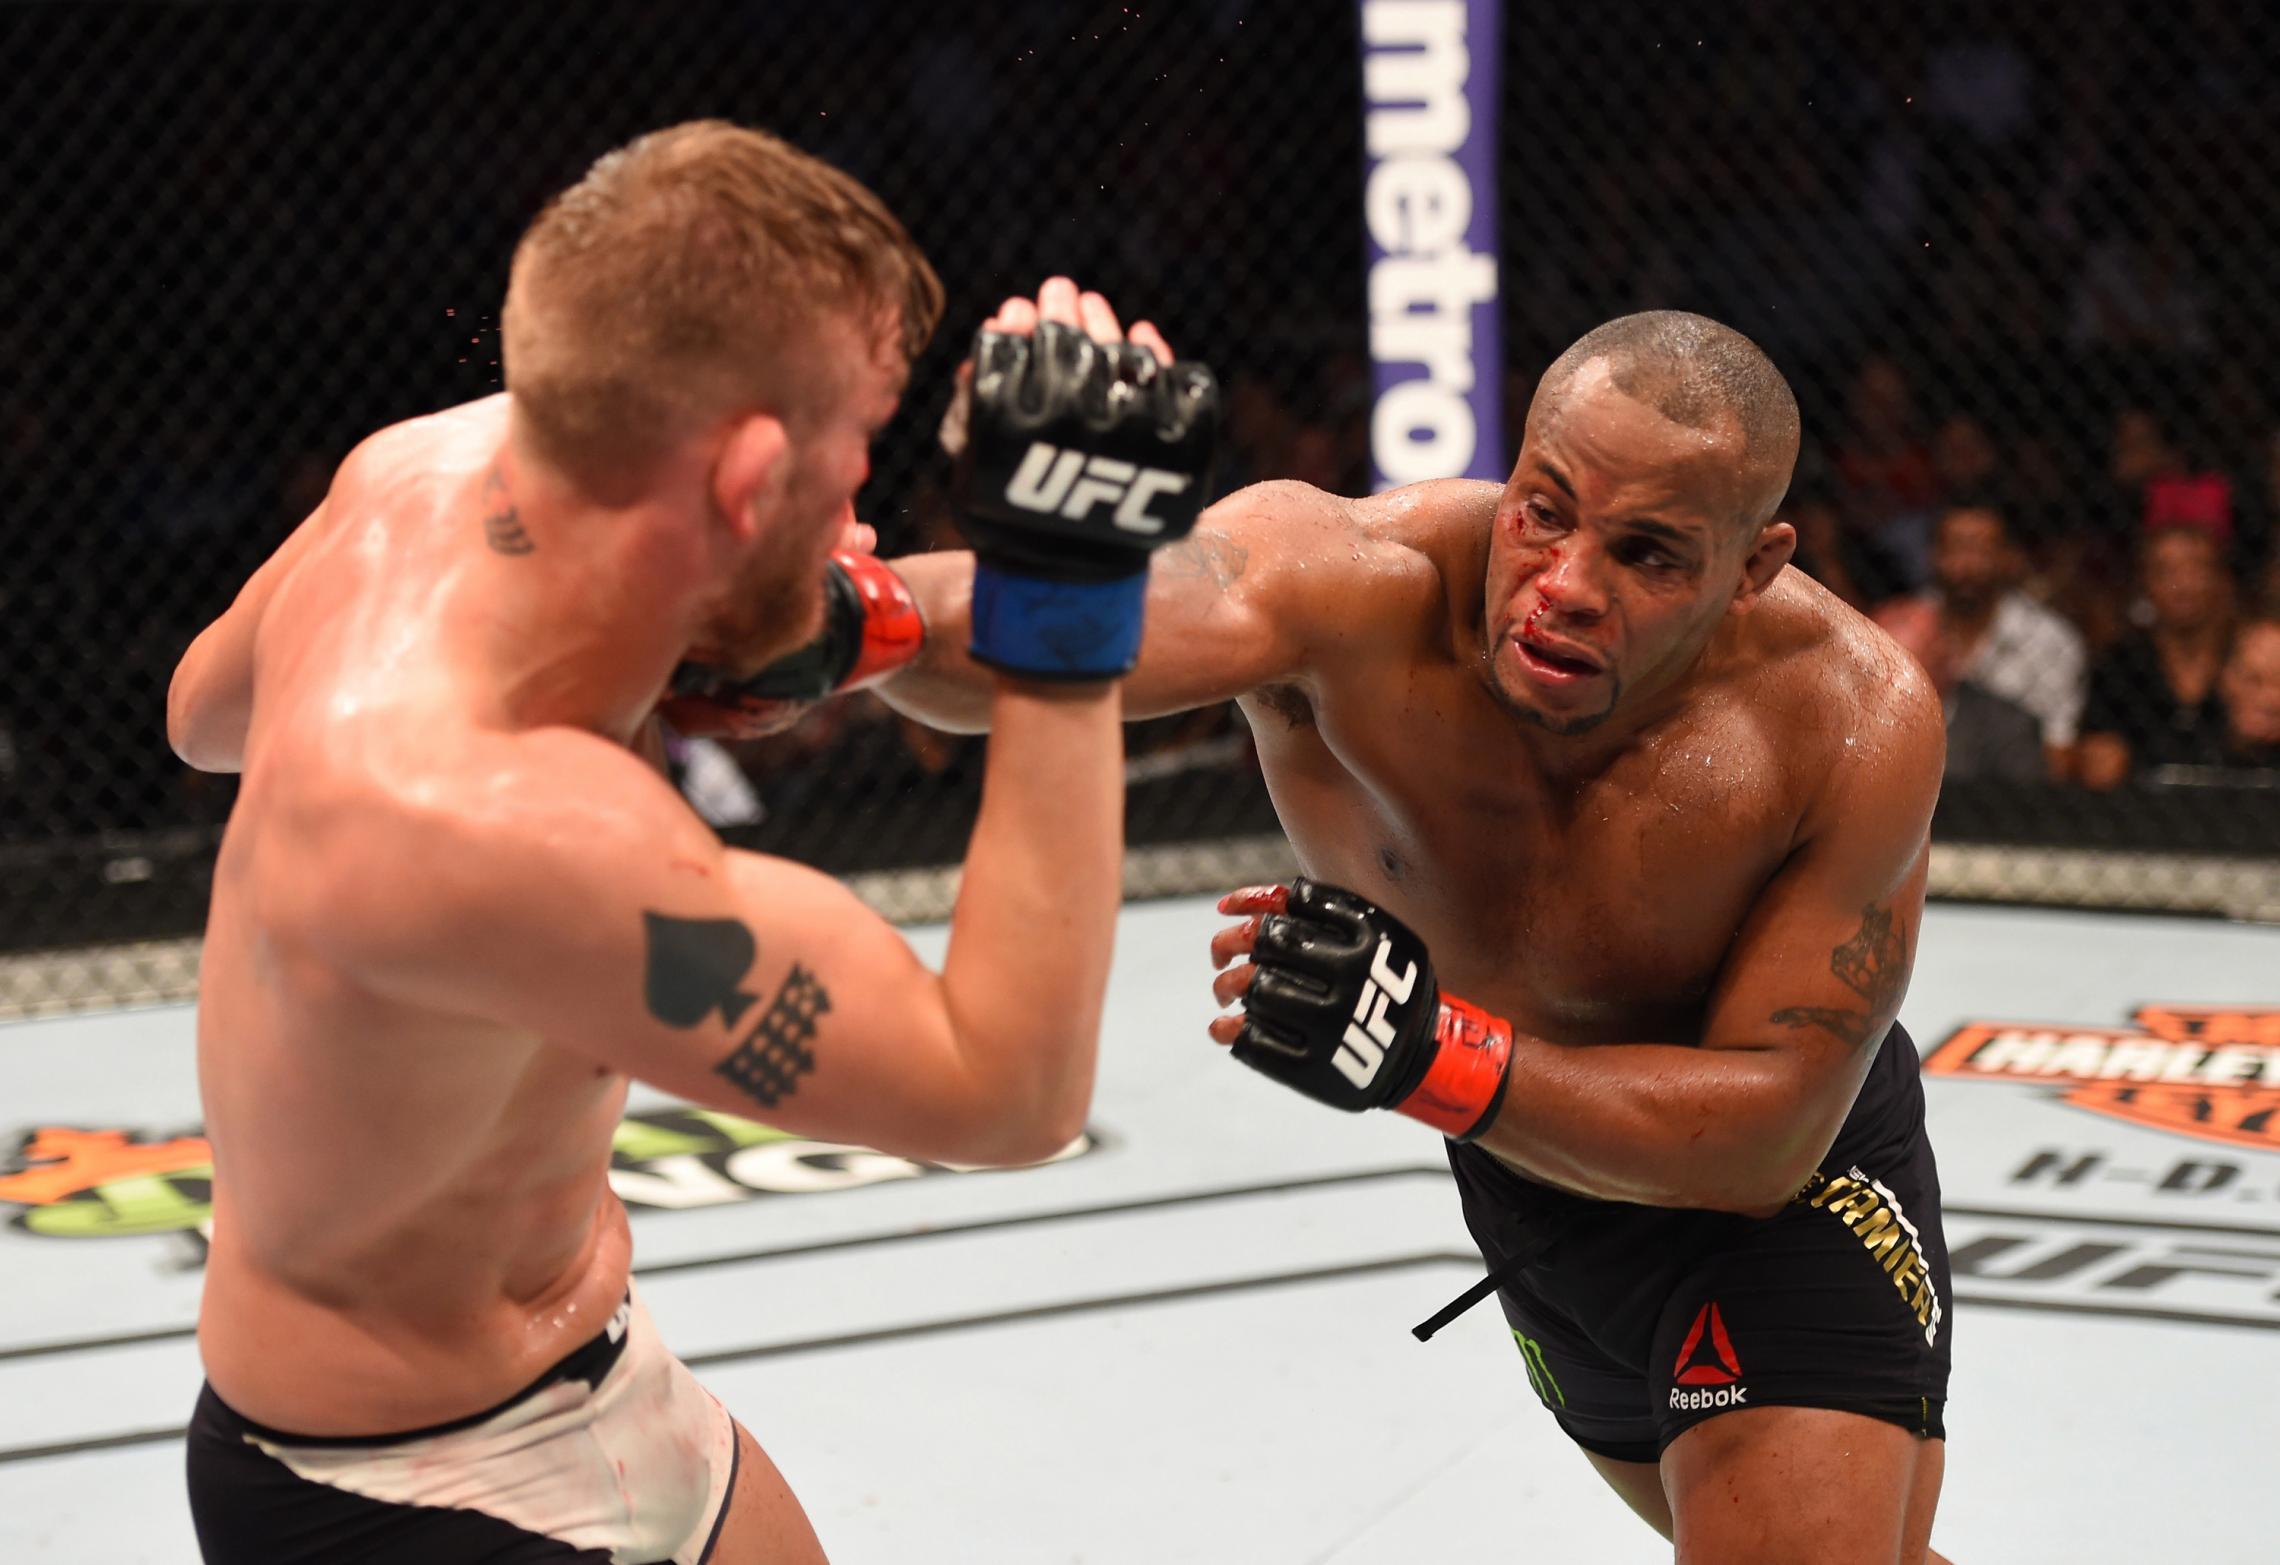 Даниэль Кормье ударил Александра Густафссона на UFC 192 в 2015 году